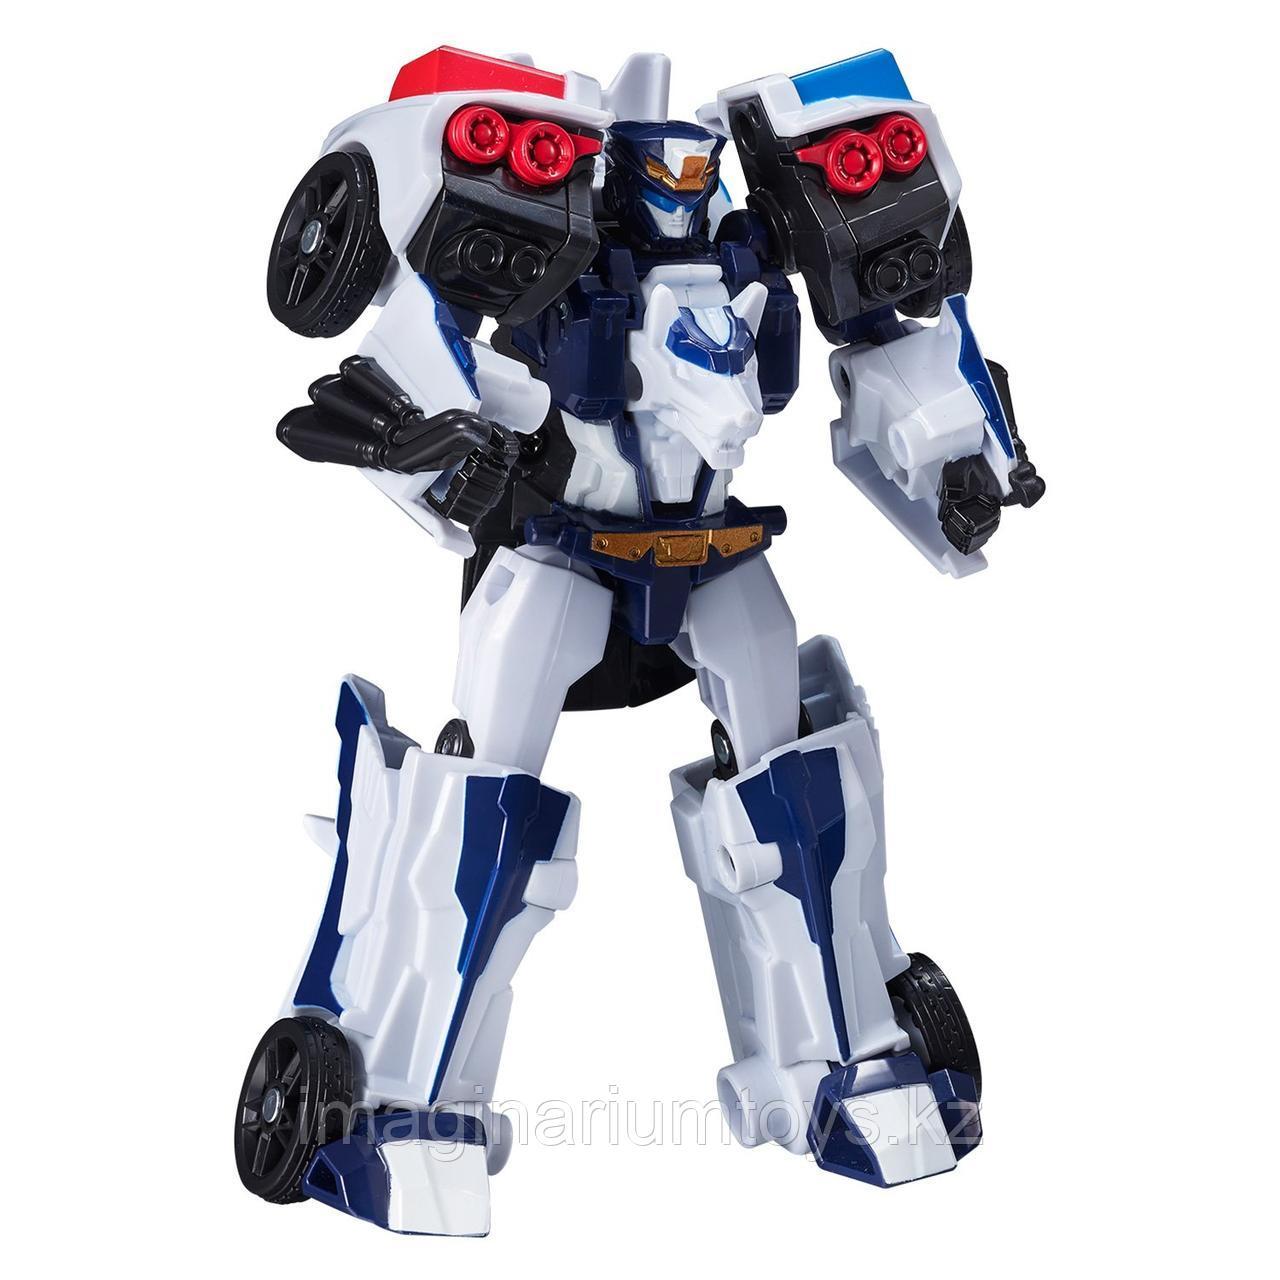 Робот Тобот мини Сержант Джастис Детективы Галлактики